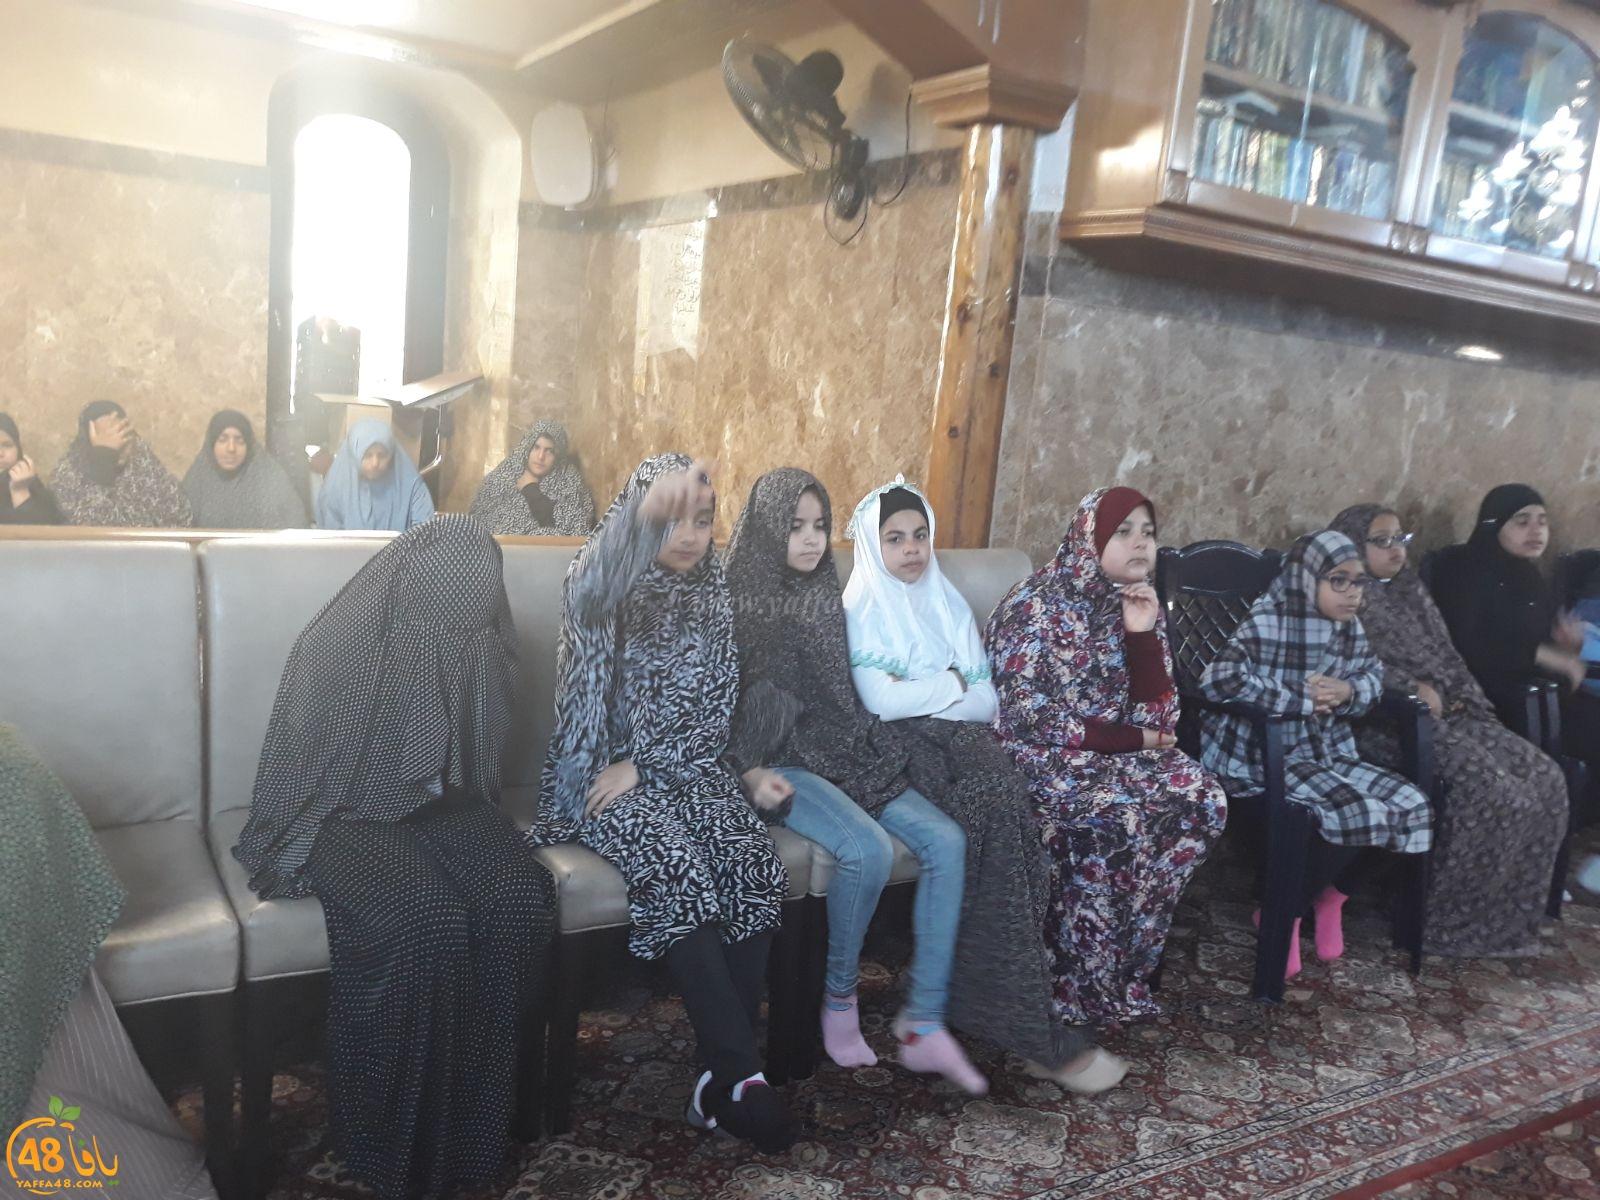 طلاب مدرسة حسن عرفة في زيارة لمسجد المحمودية